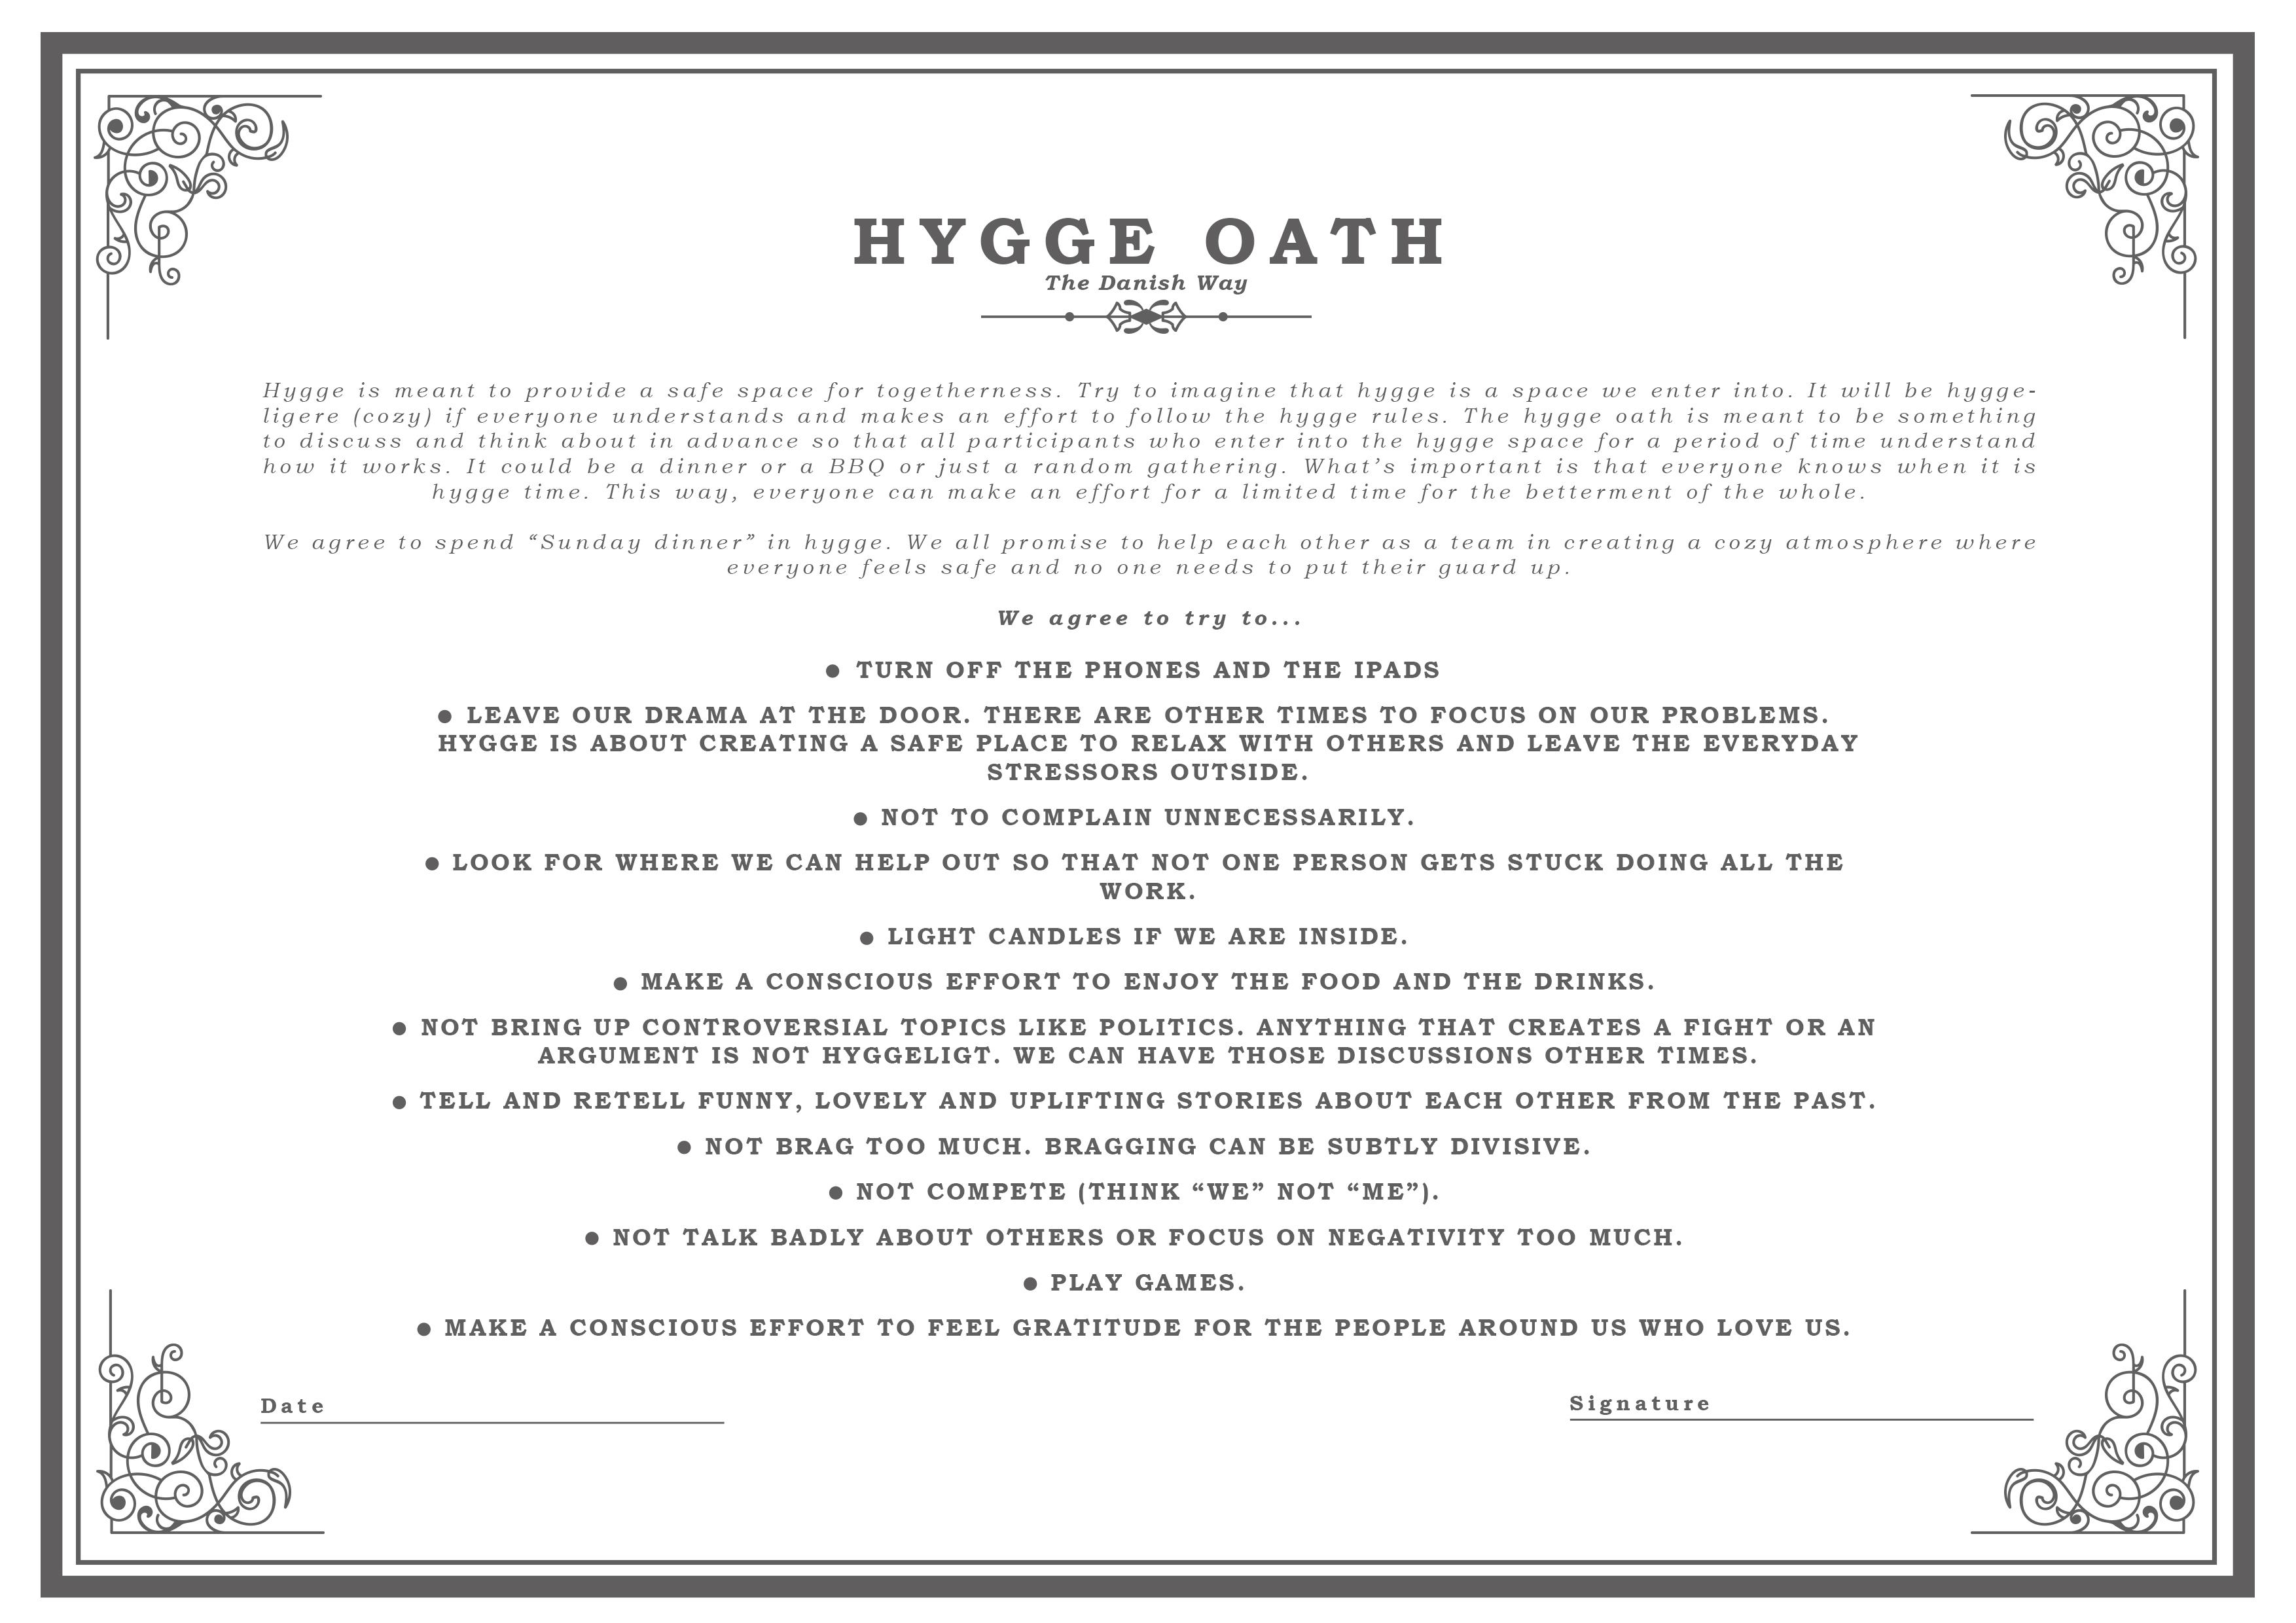 Hygge Oath